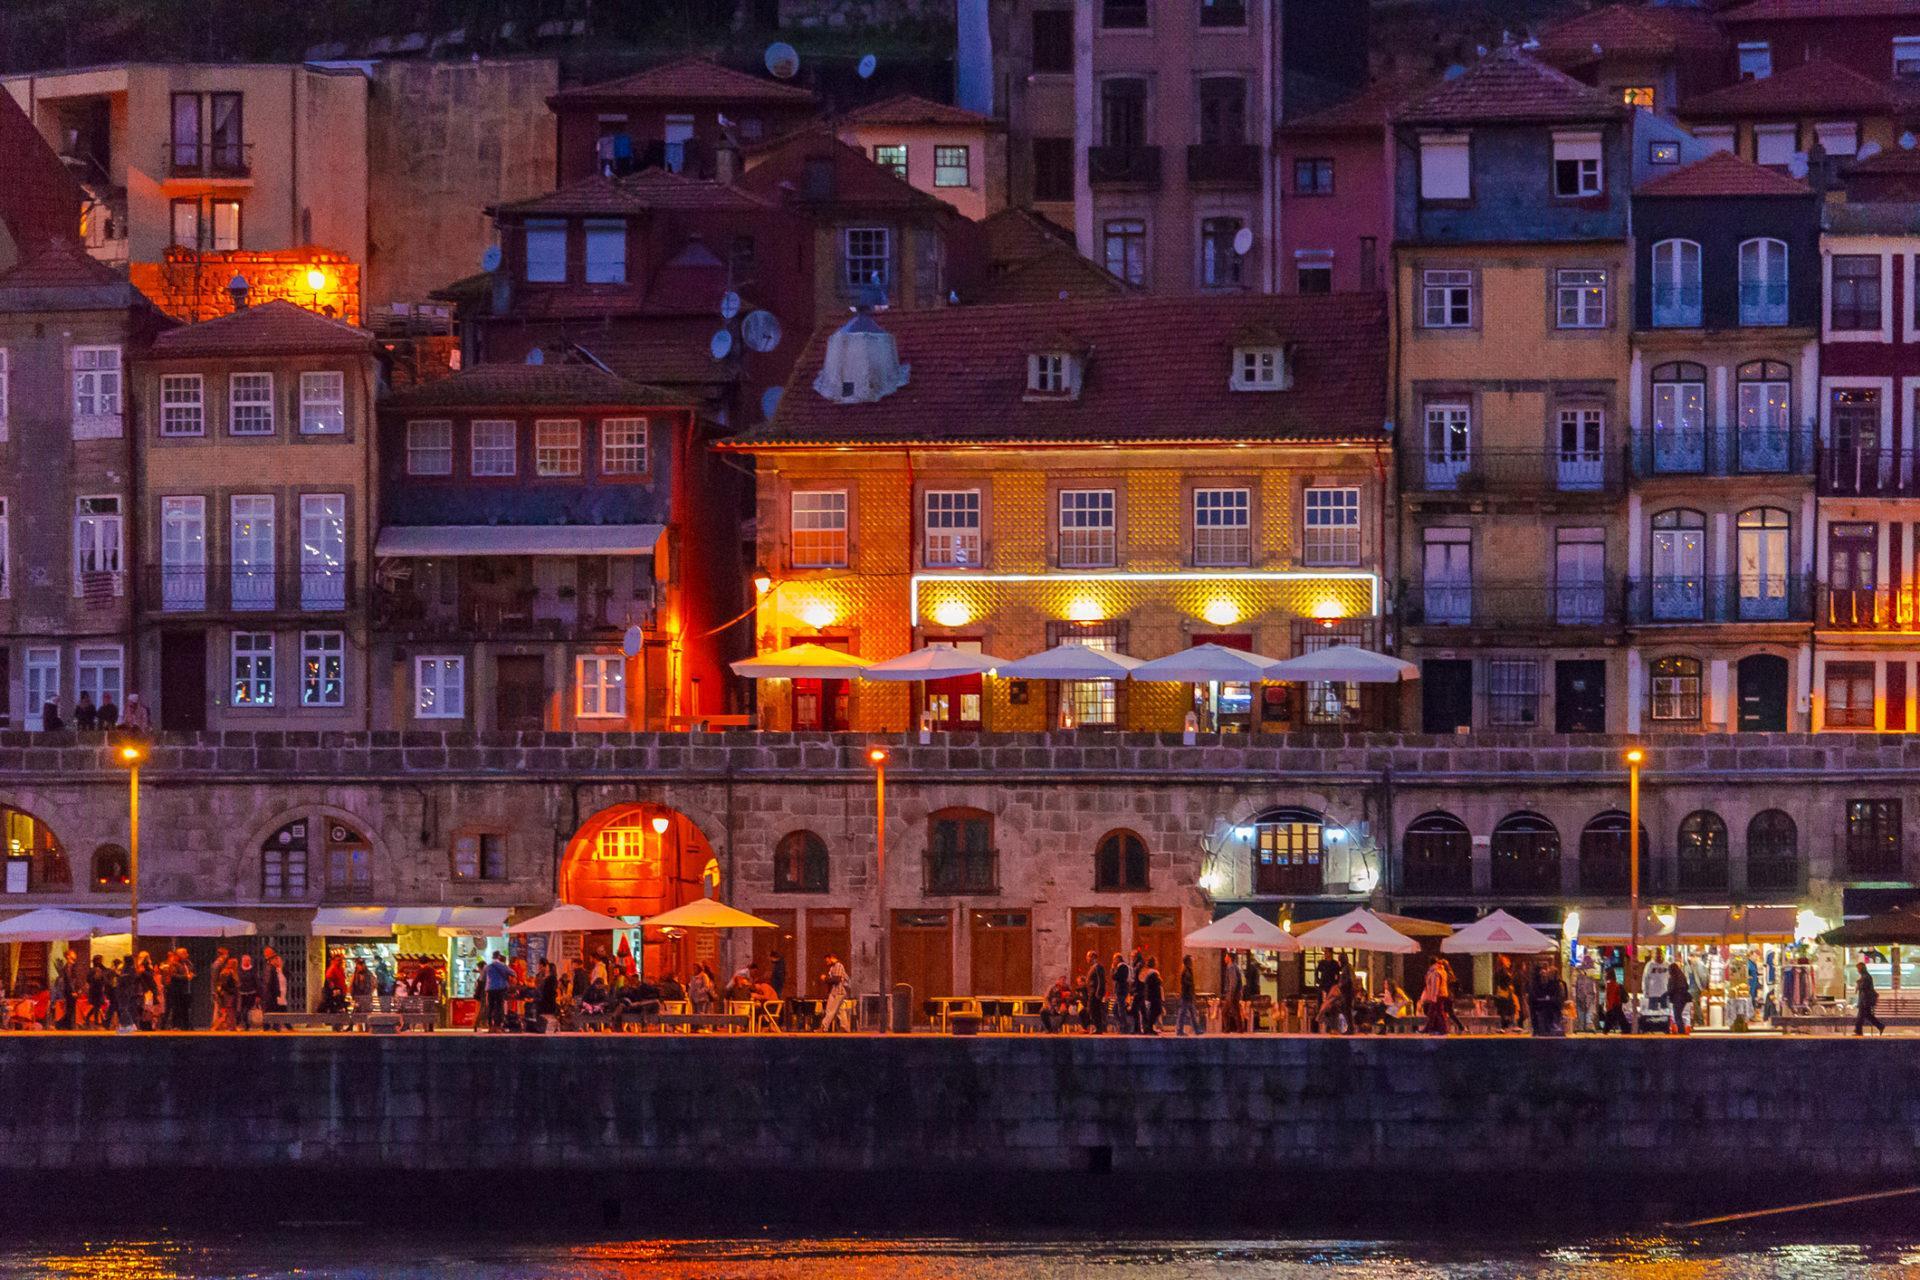 חיי לילה בפורטו פורטוגל: כל המידע!